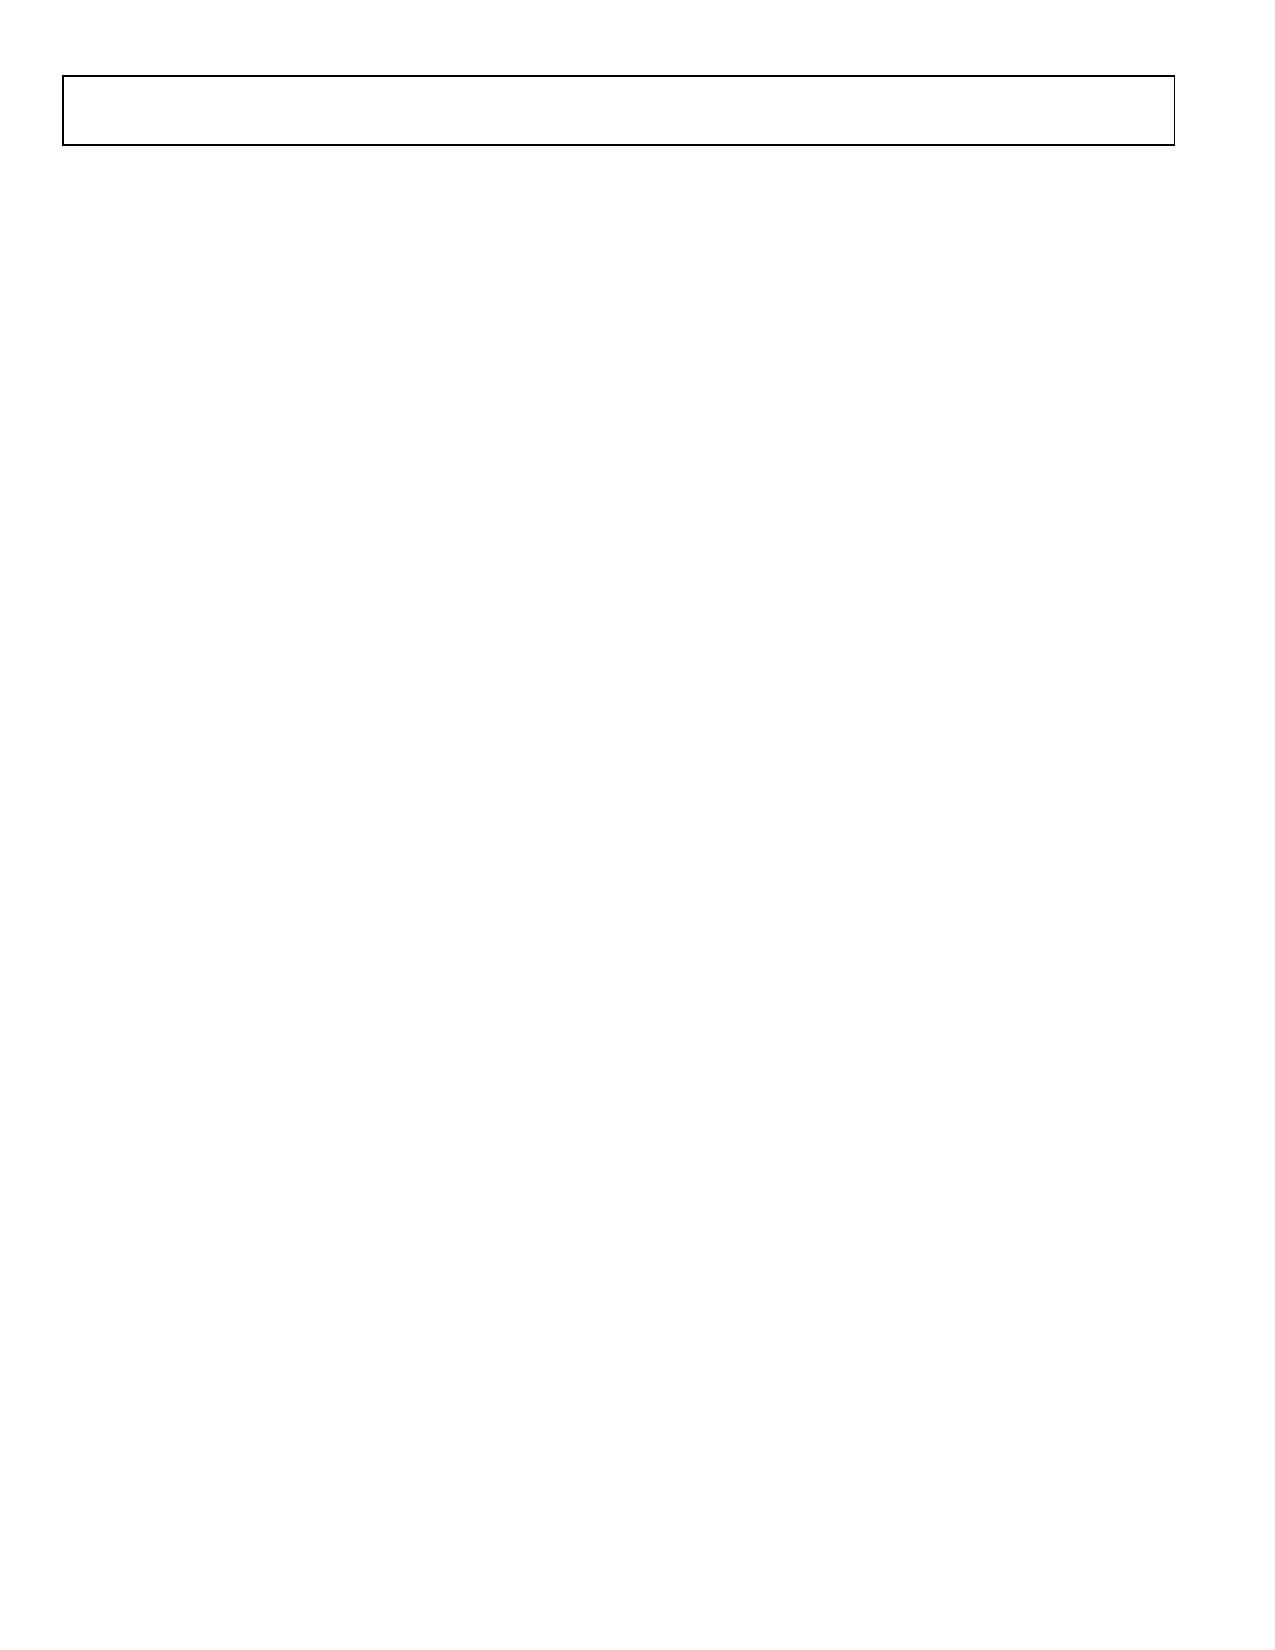 AD5173 Даташит, Описание, Даташиты